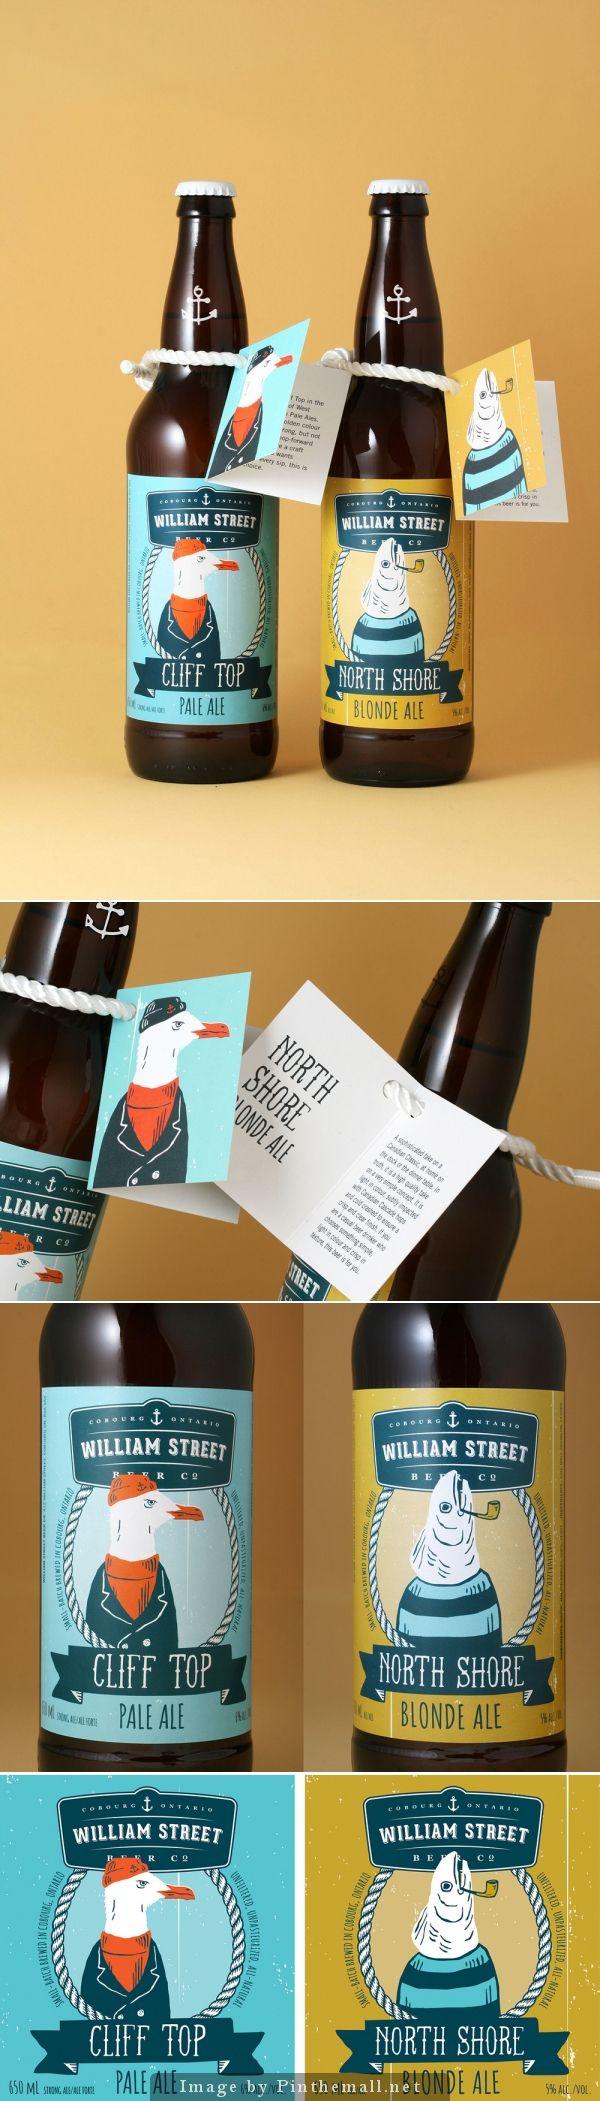 William Street Beer Co. #label #packaging